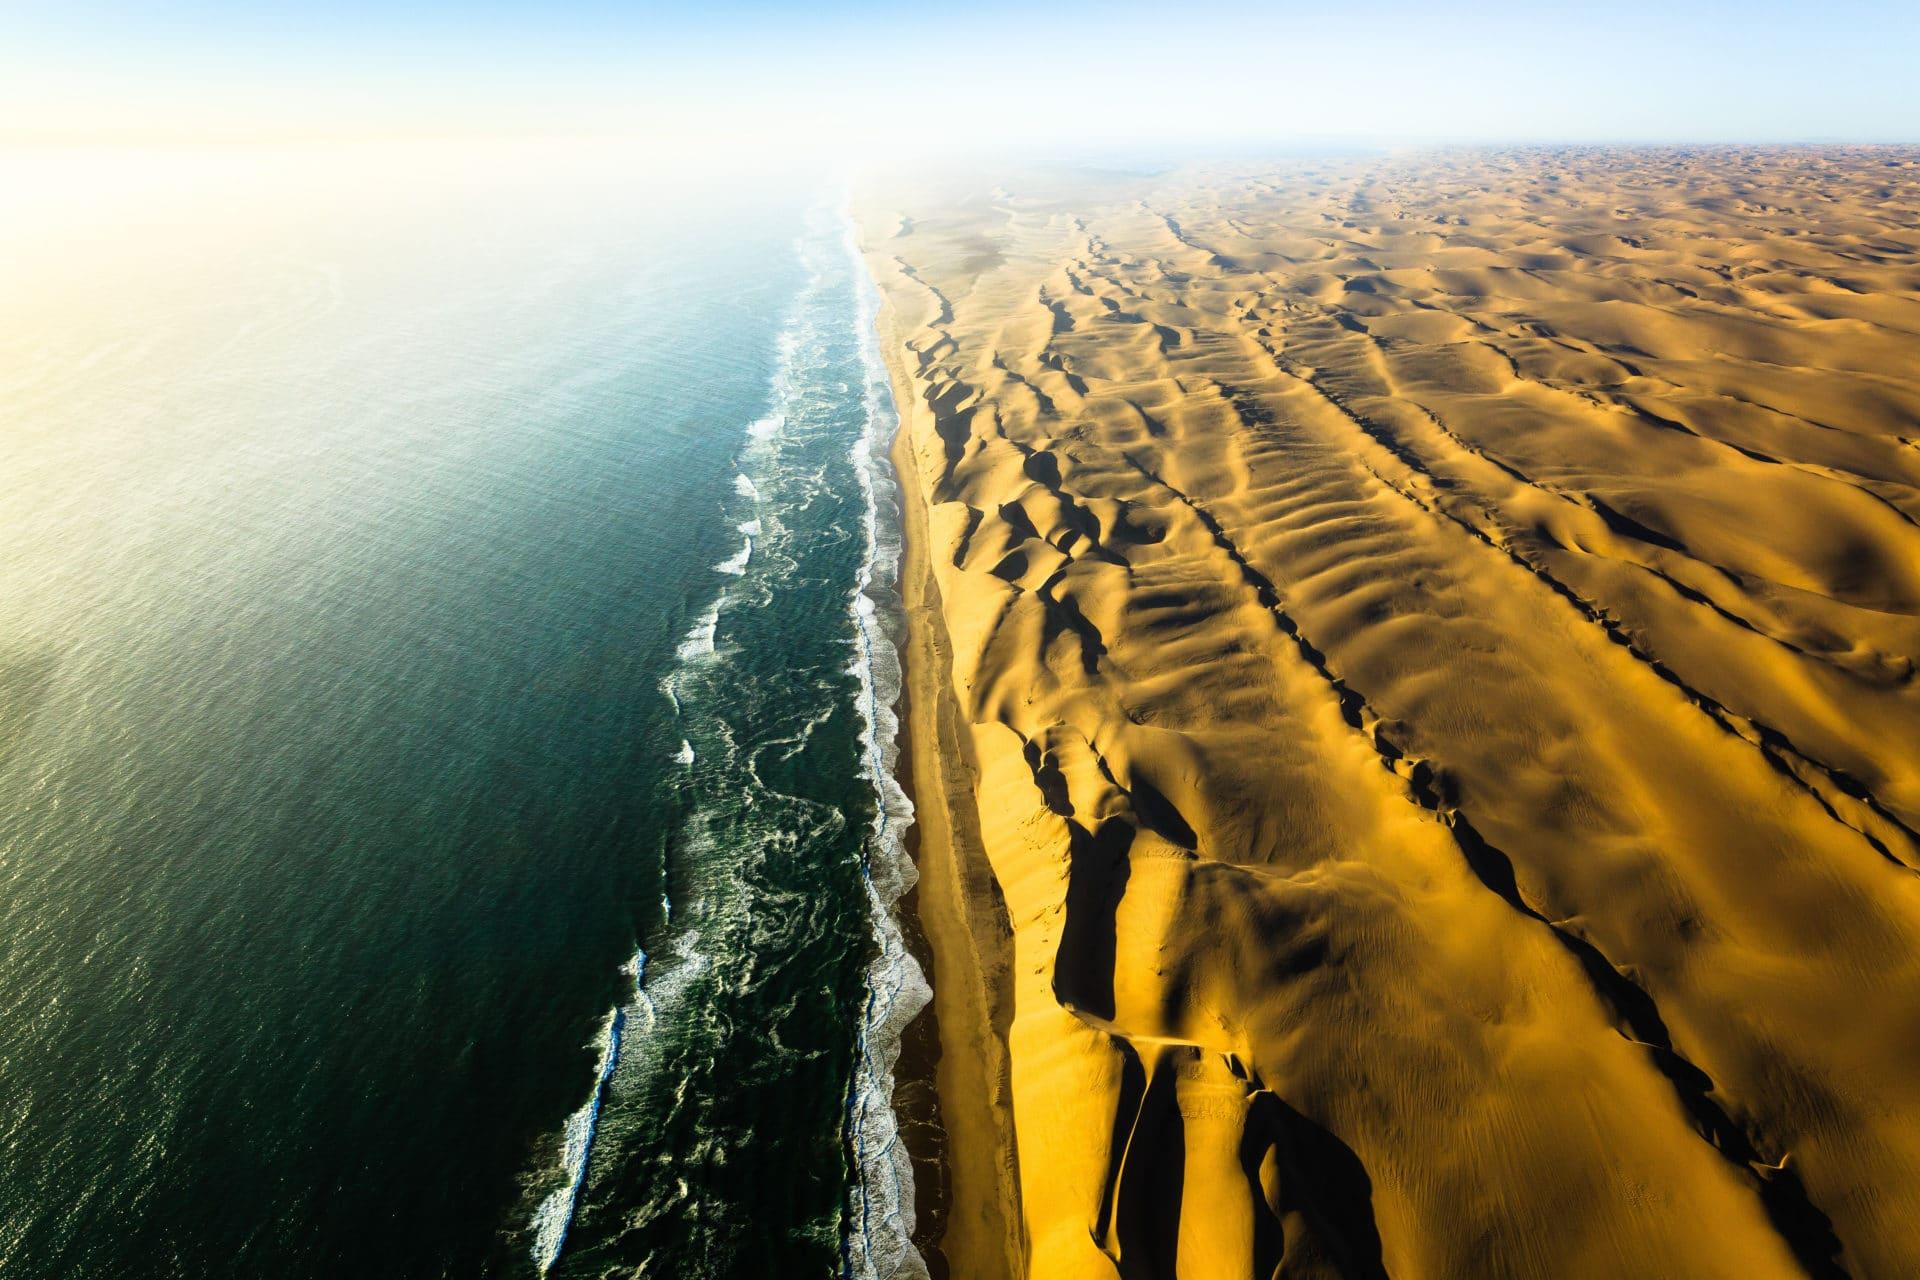 Namibia's hauntingly beautiful Skeleton Coast